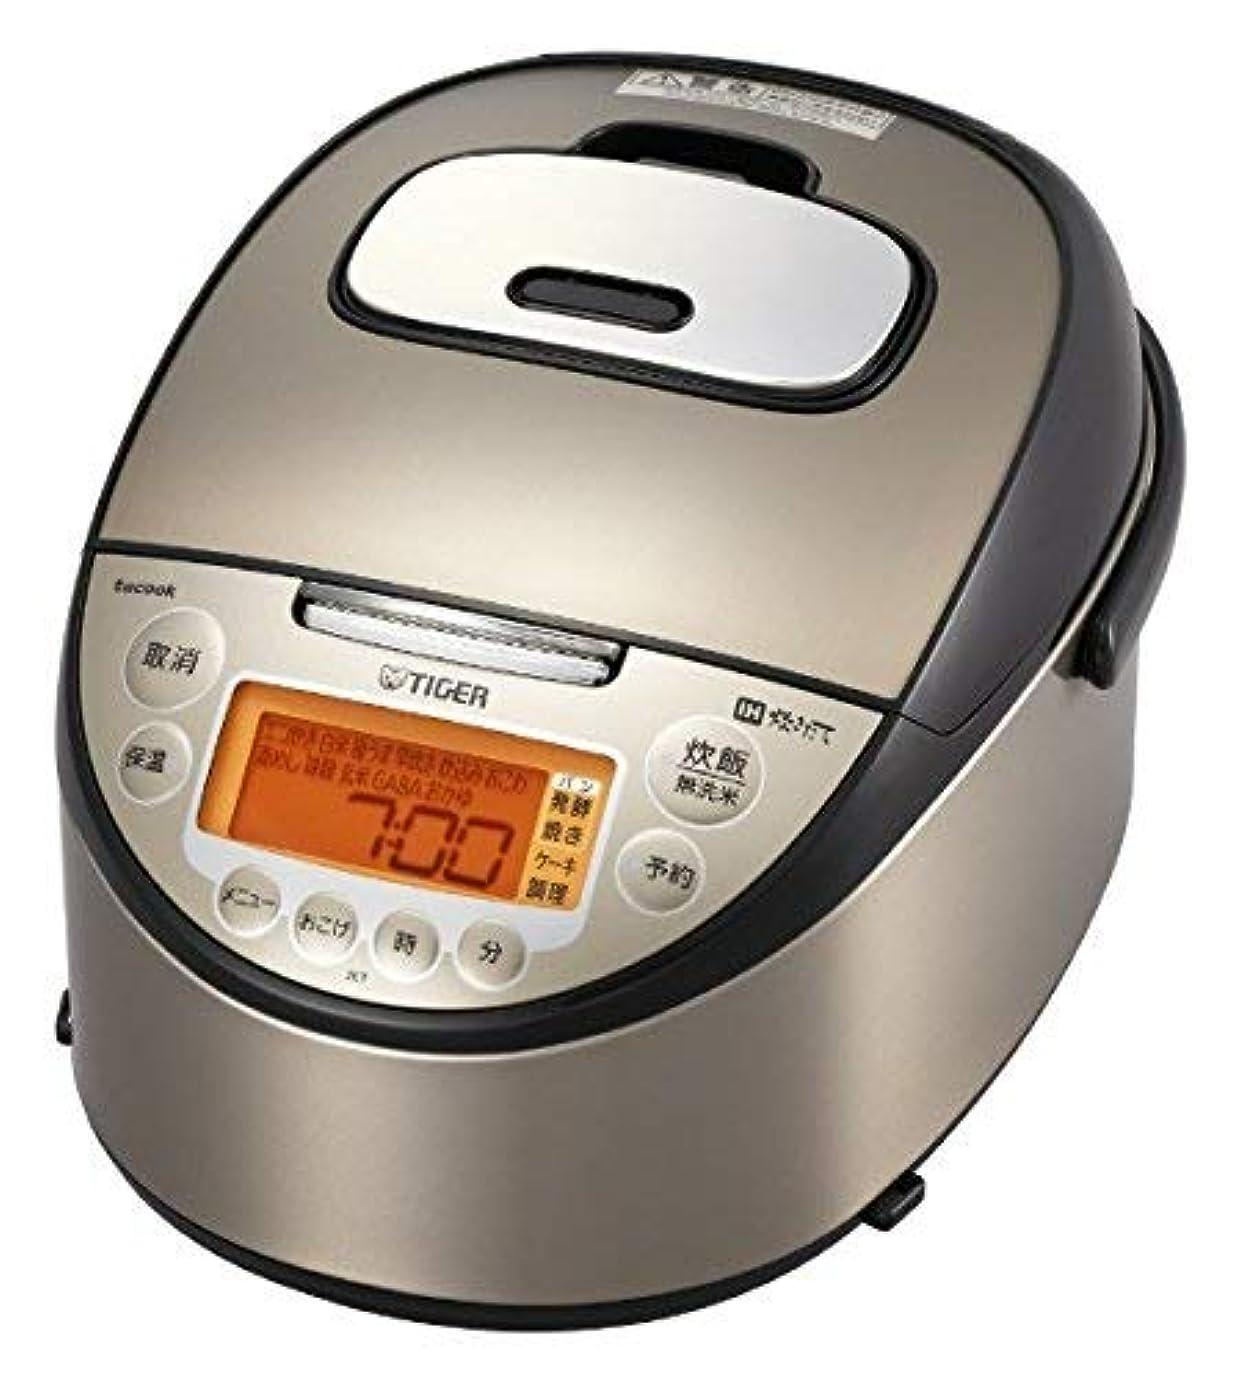 ベーリング海峡レイアウト対象タイガー 炊飯器  IH 5.5合 炊きたて 同時調理 tacook パールブラウン JKT-J101-TP